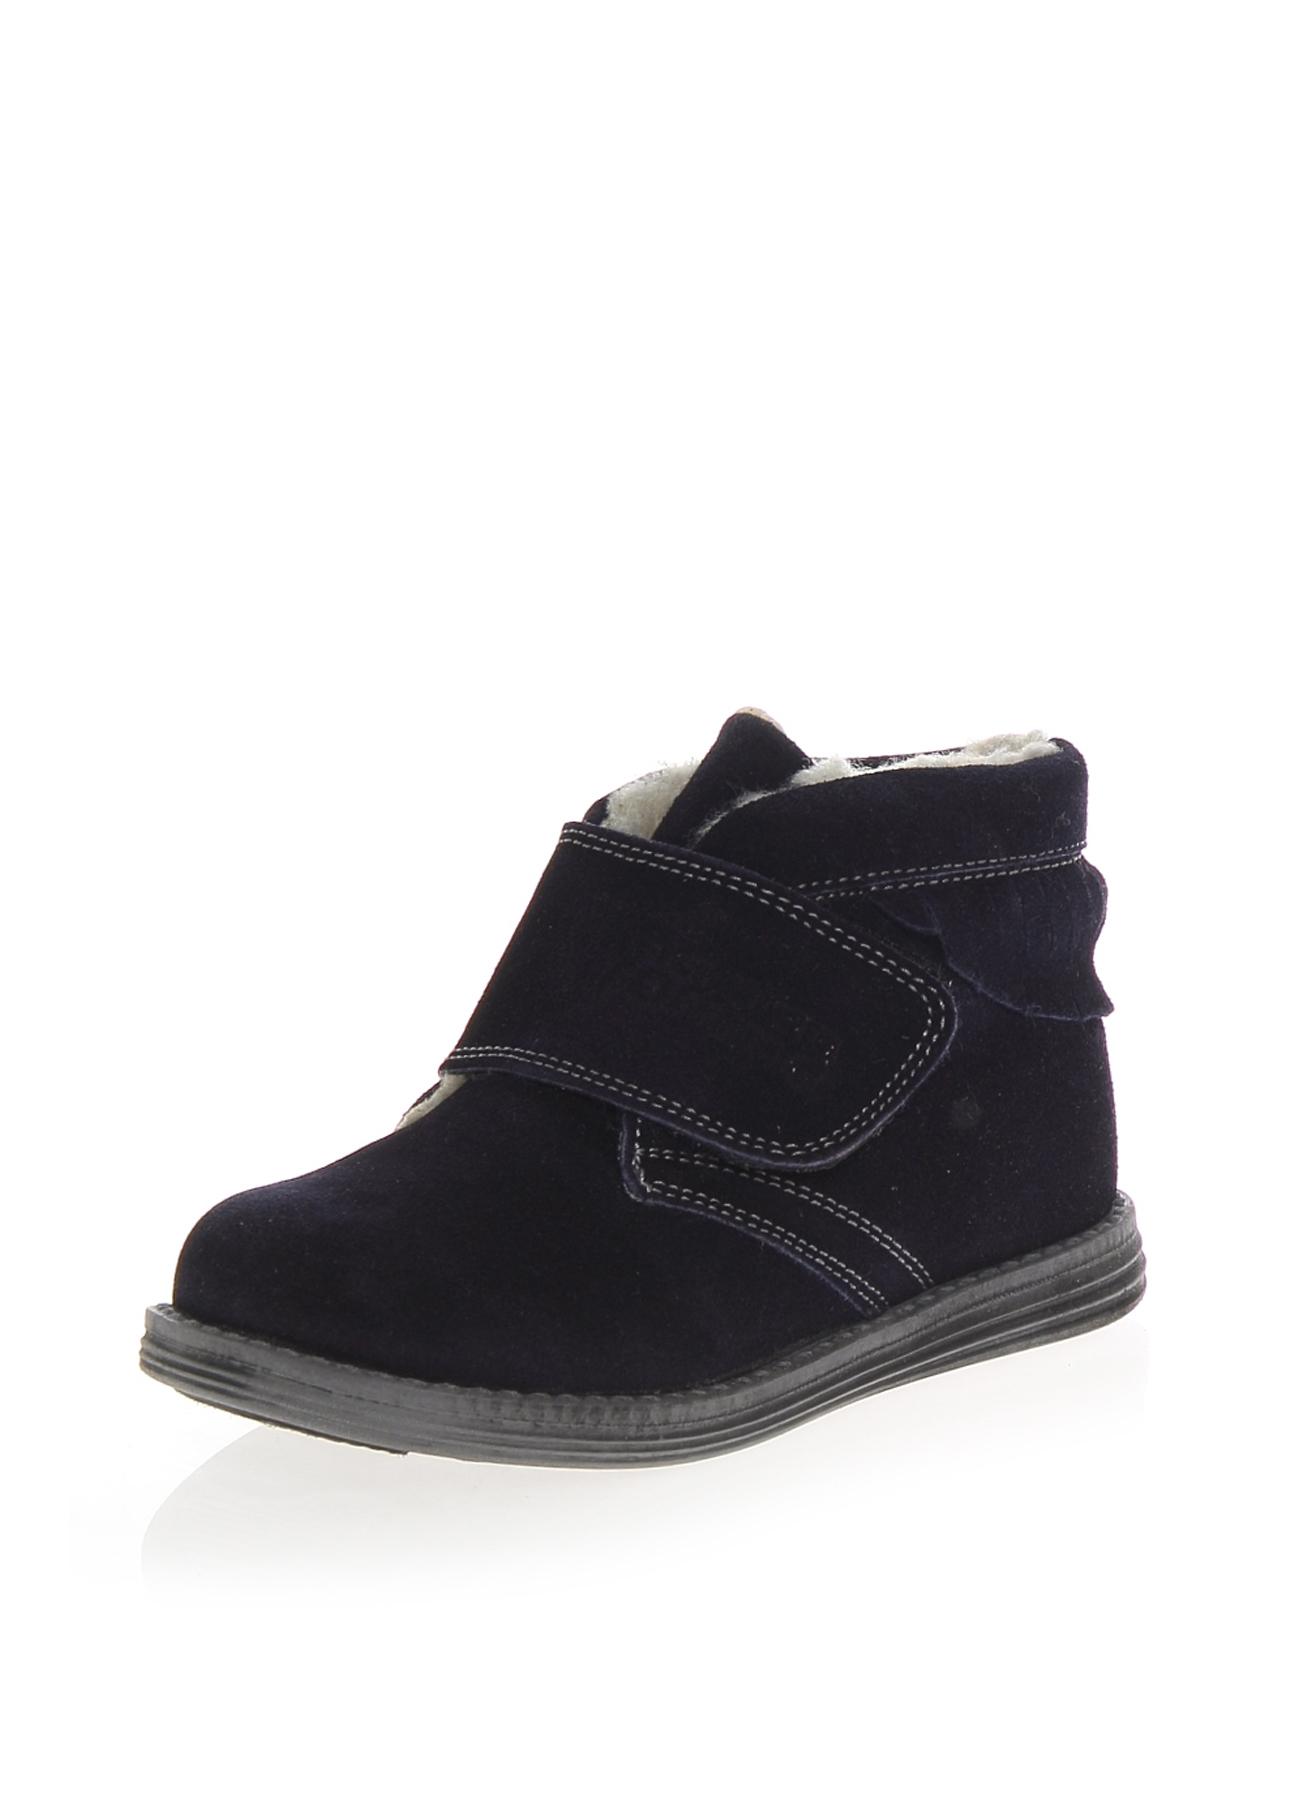 21 Erkek Koyu Lacivert Mammaramma Bot 5000037350005 Ayakkabı & Çanta Çocuk Ayakkabıları Bot&Çizmeler